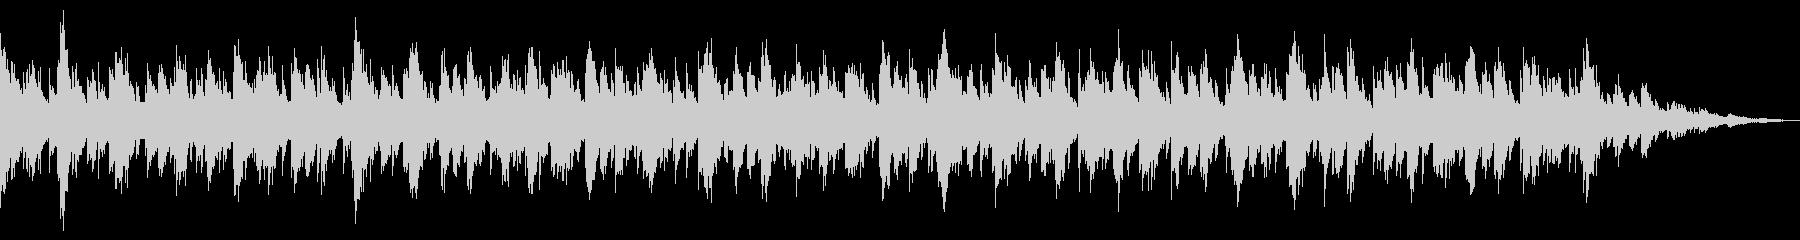 ピアノを用いたリズムのない環境音楽の未再生の波形